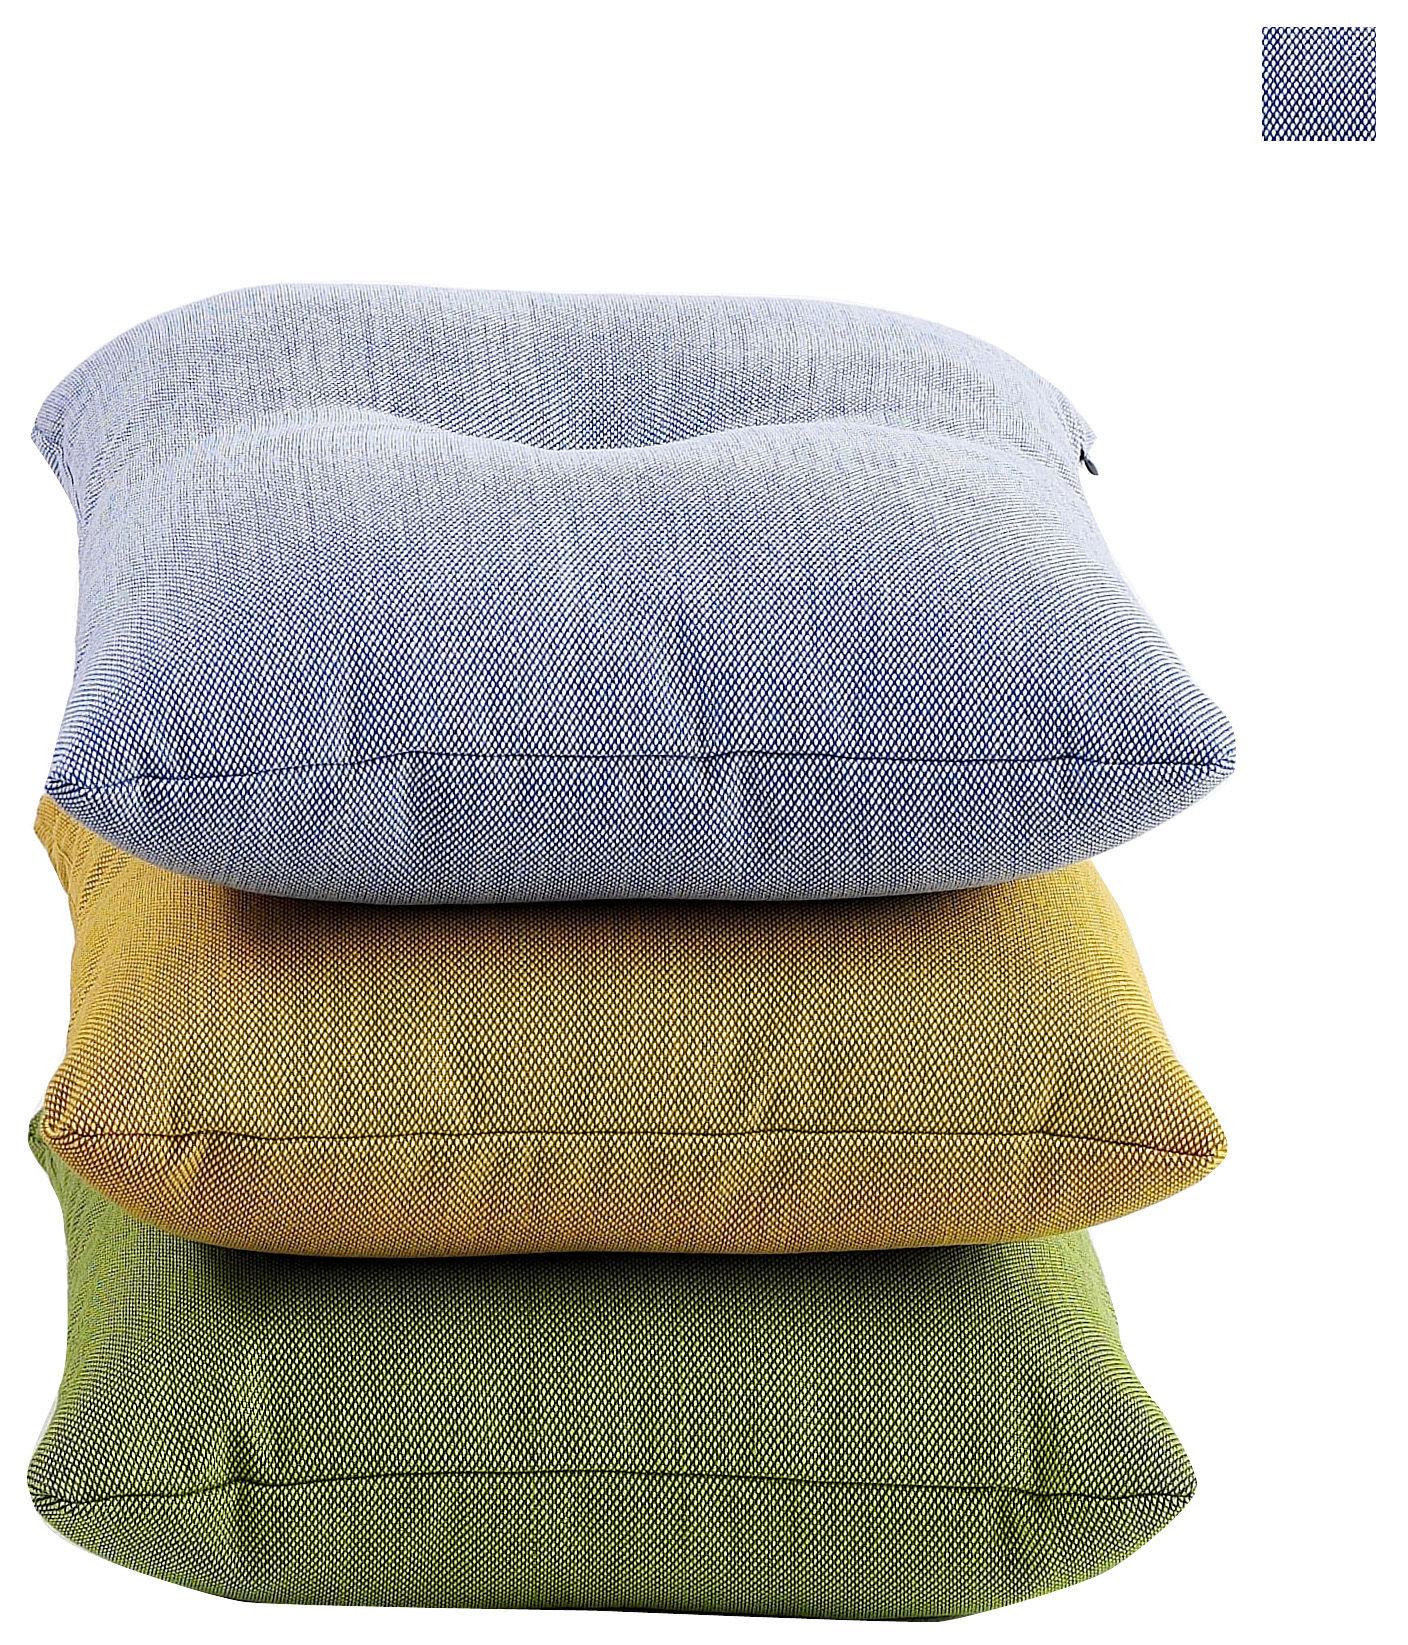 coussin dot steelcut trio 50 x 50 cm bleu clair vert d 39 eau gris clair hay. Black Bedroom Furniture Sets. Home Design Ideas